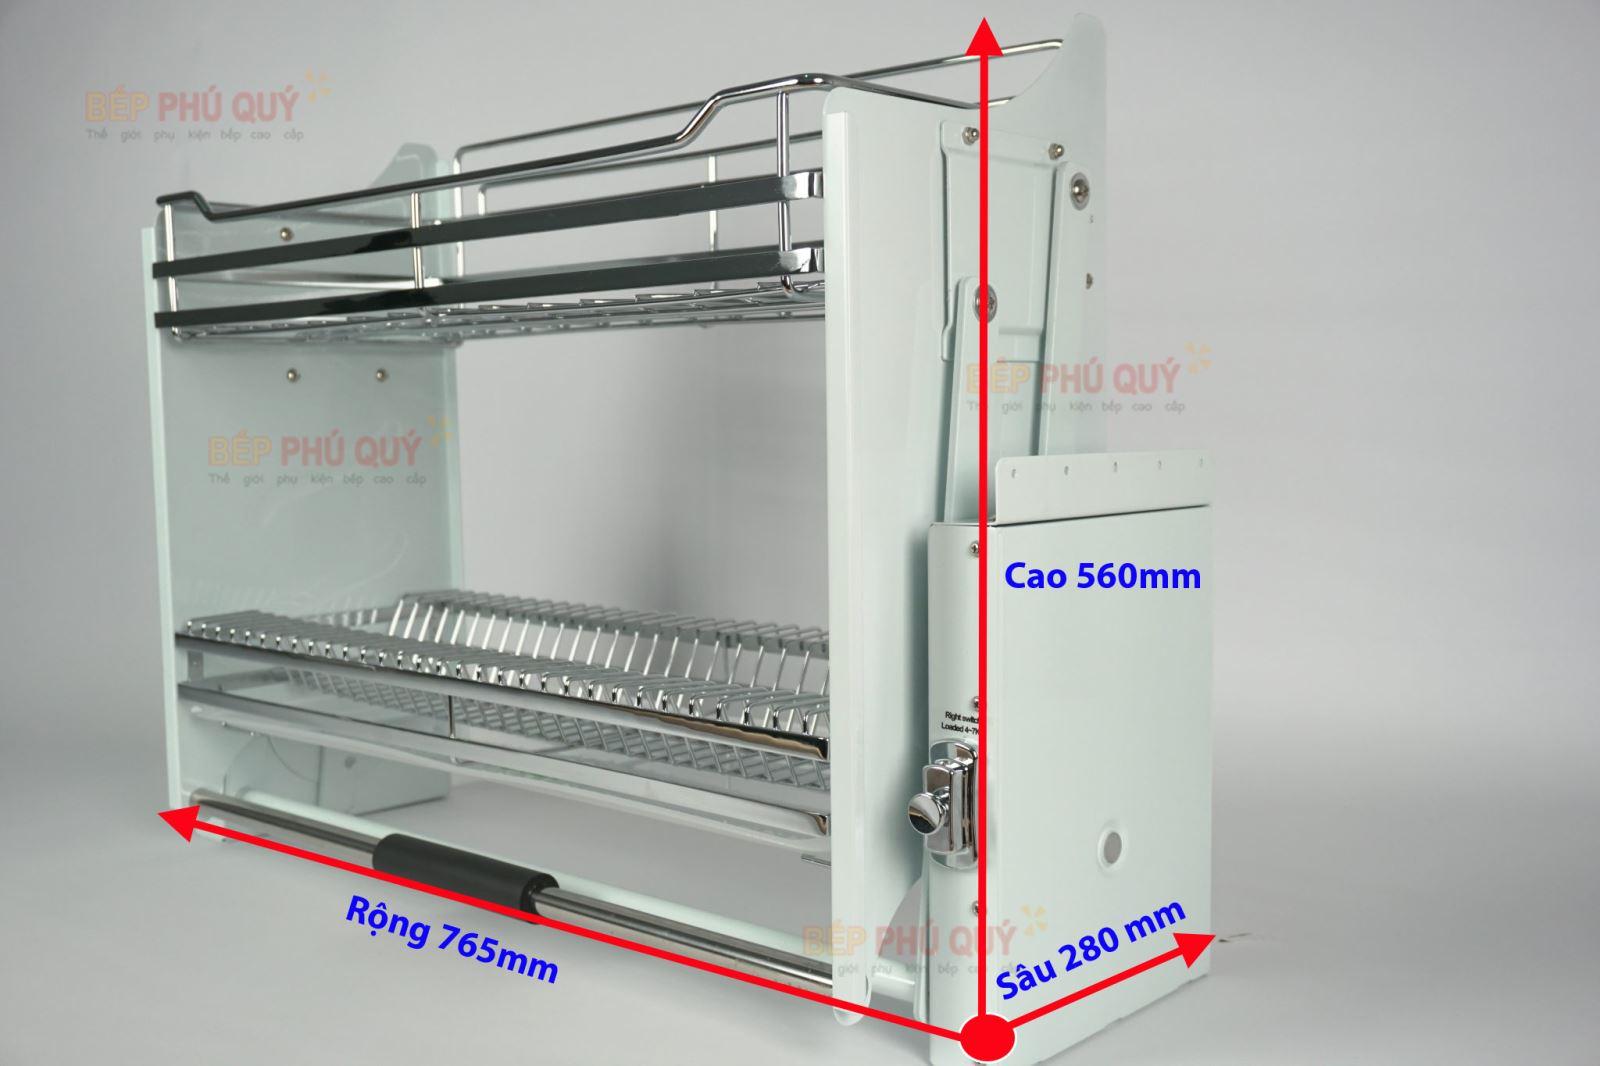 thông số kích thước sản phẩm giá bát nâng hạ luxury lx 1180